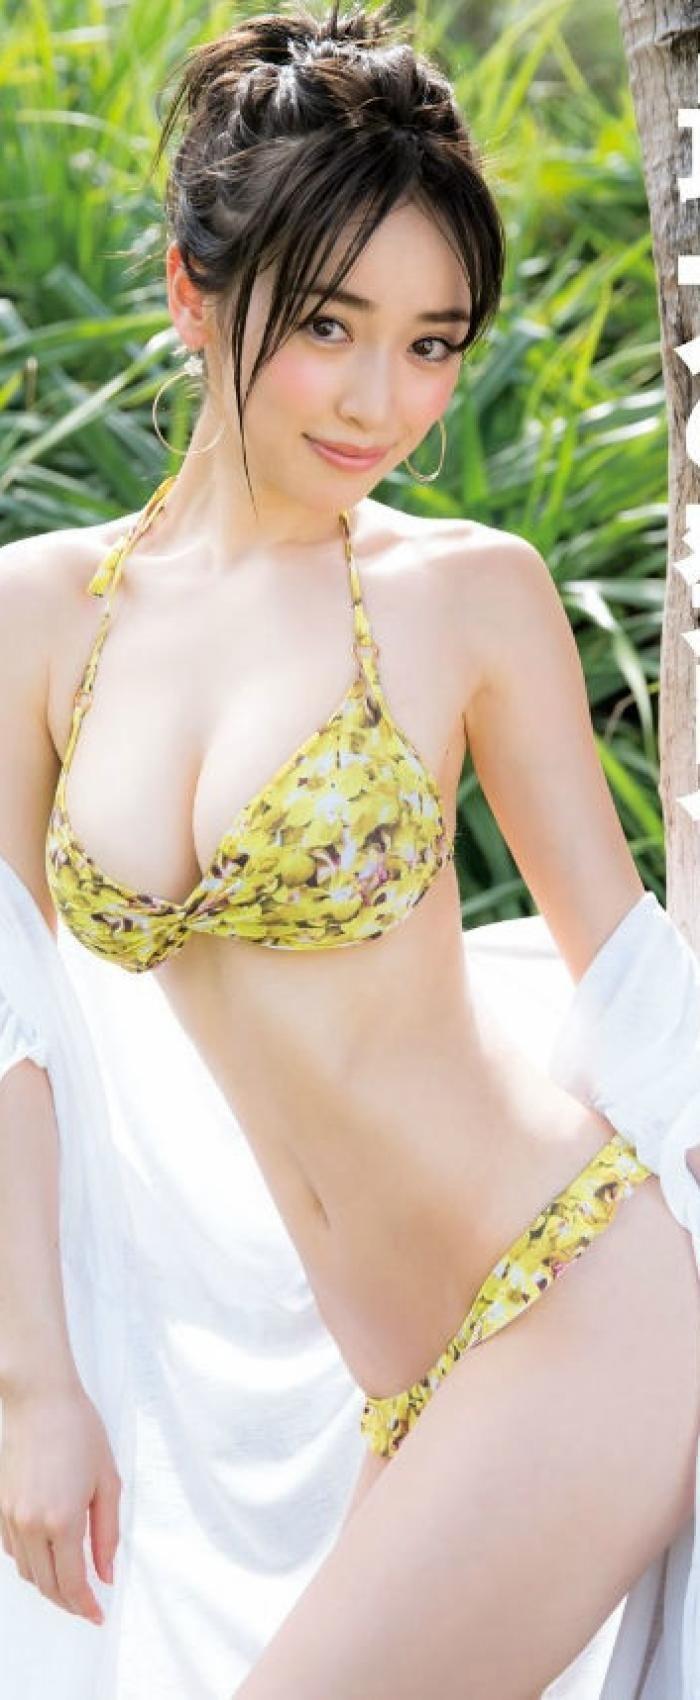 泉里香の身長と体重&スタイル維持ダイエット法?水着グラビアで人気 ... 1700x700